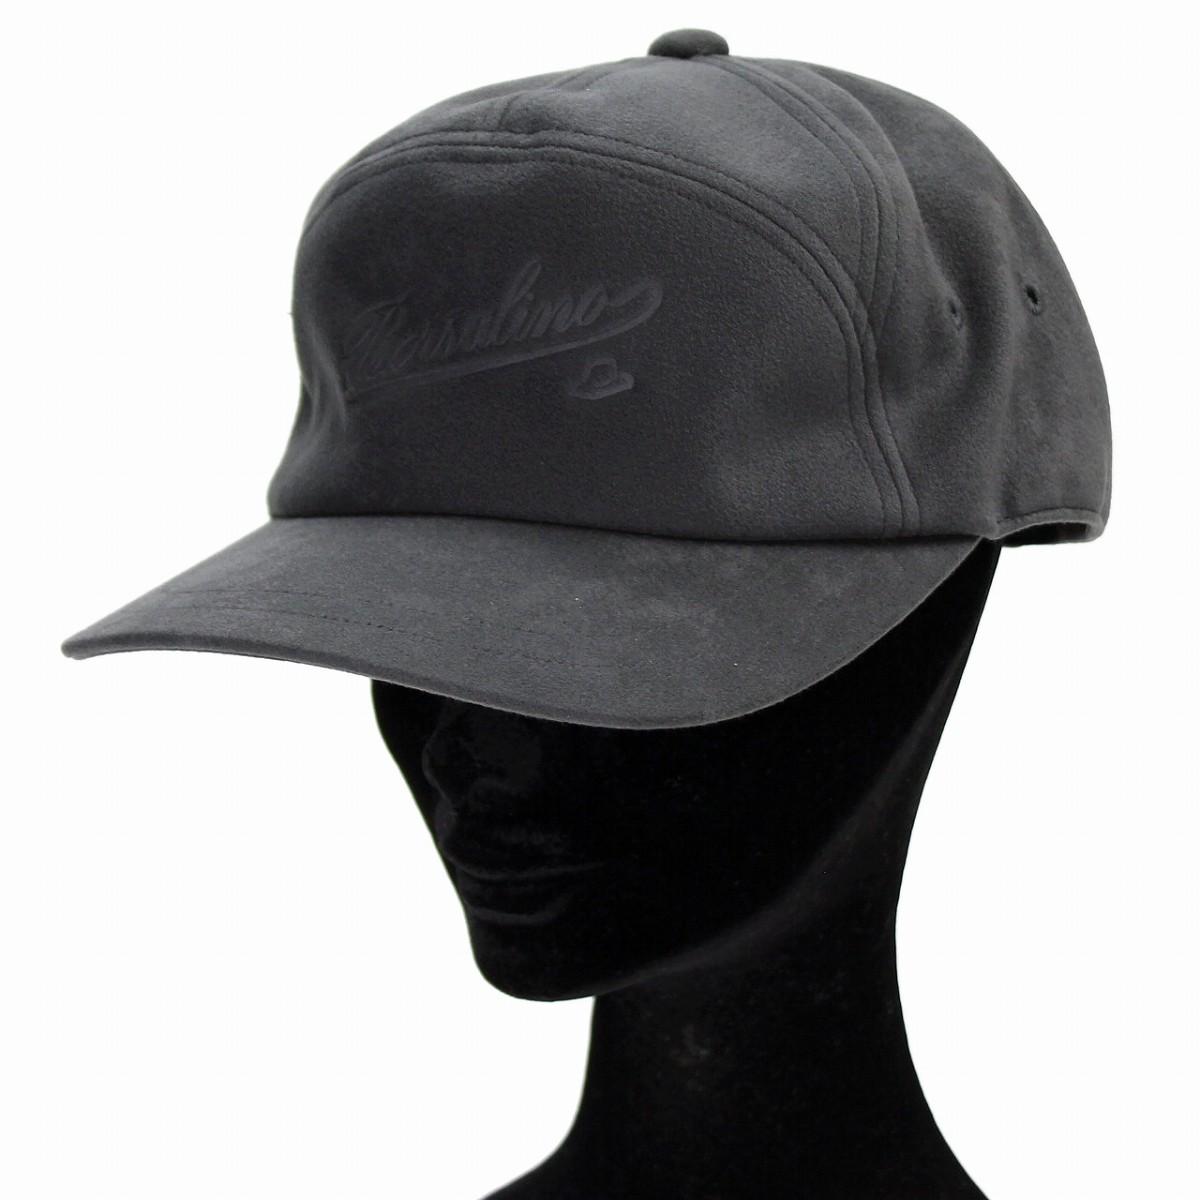 f4d04c858ec The cap men Borsalino hat size logo cap adult Shin pull plain fabric S M L  LL 3L back adjuster size adjustable   gray  baseball cap  Christmas present  ...